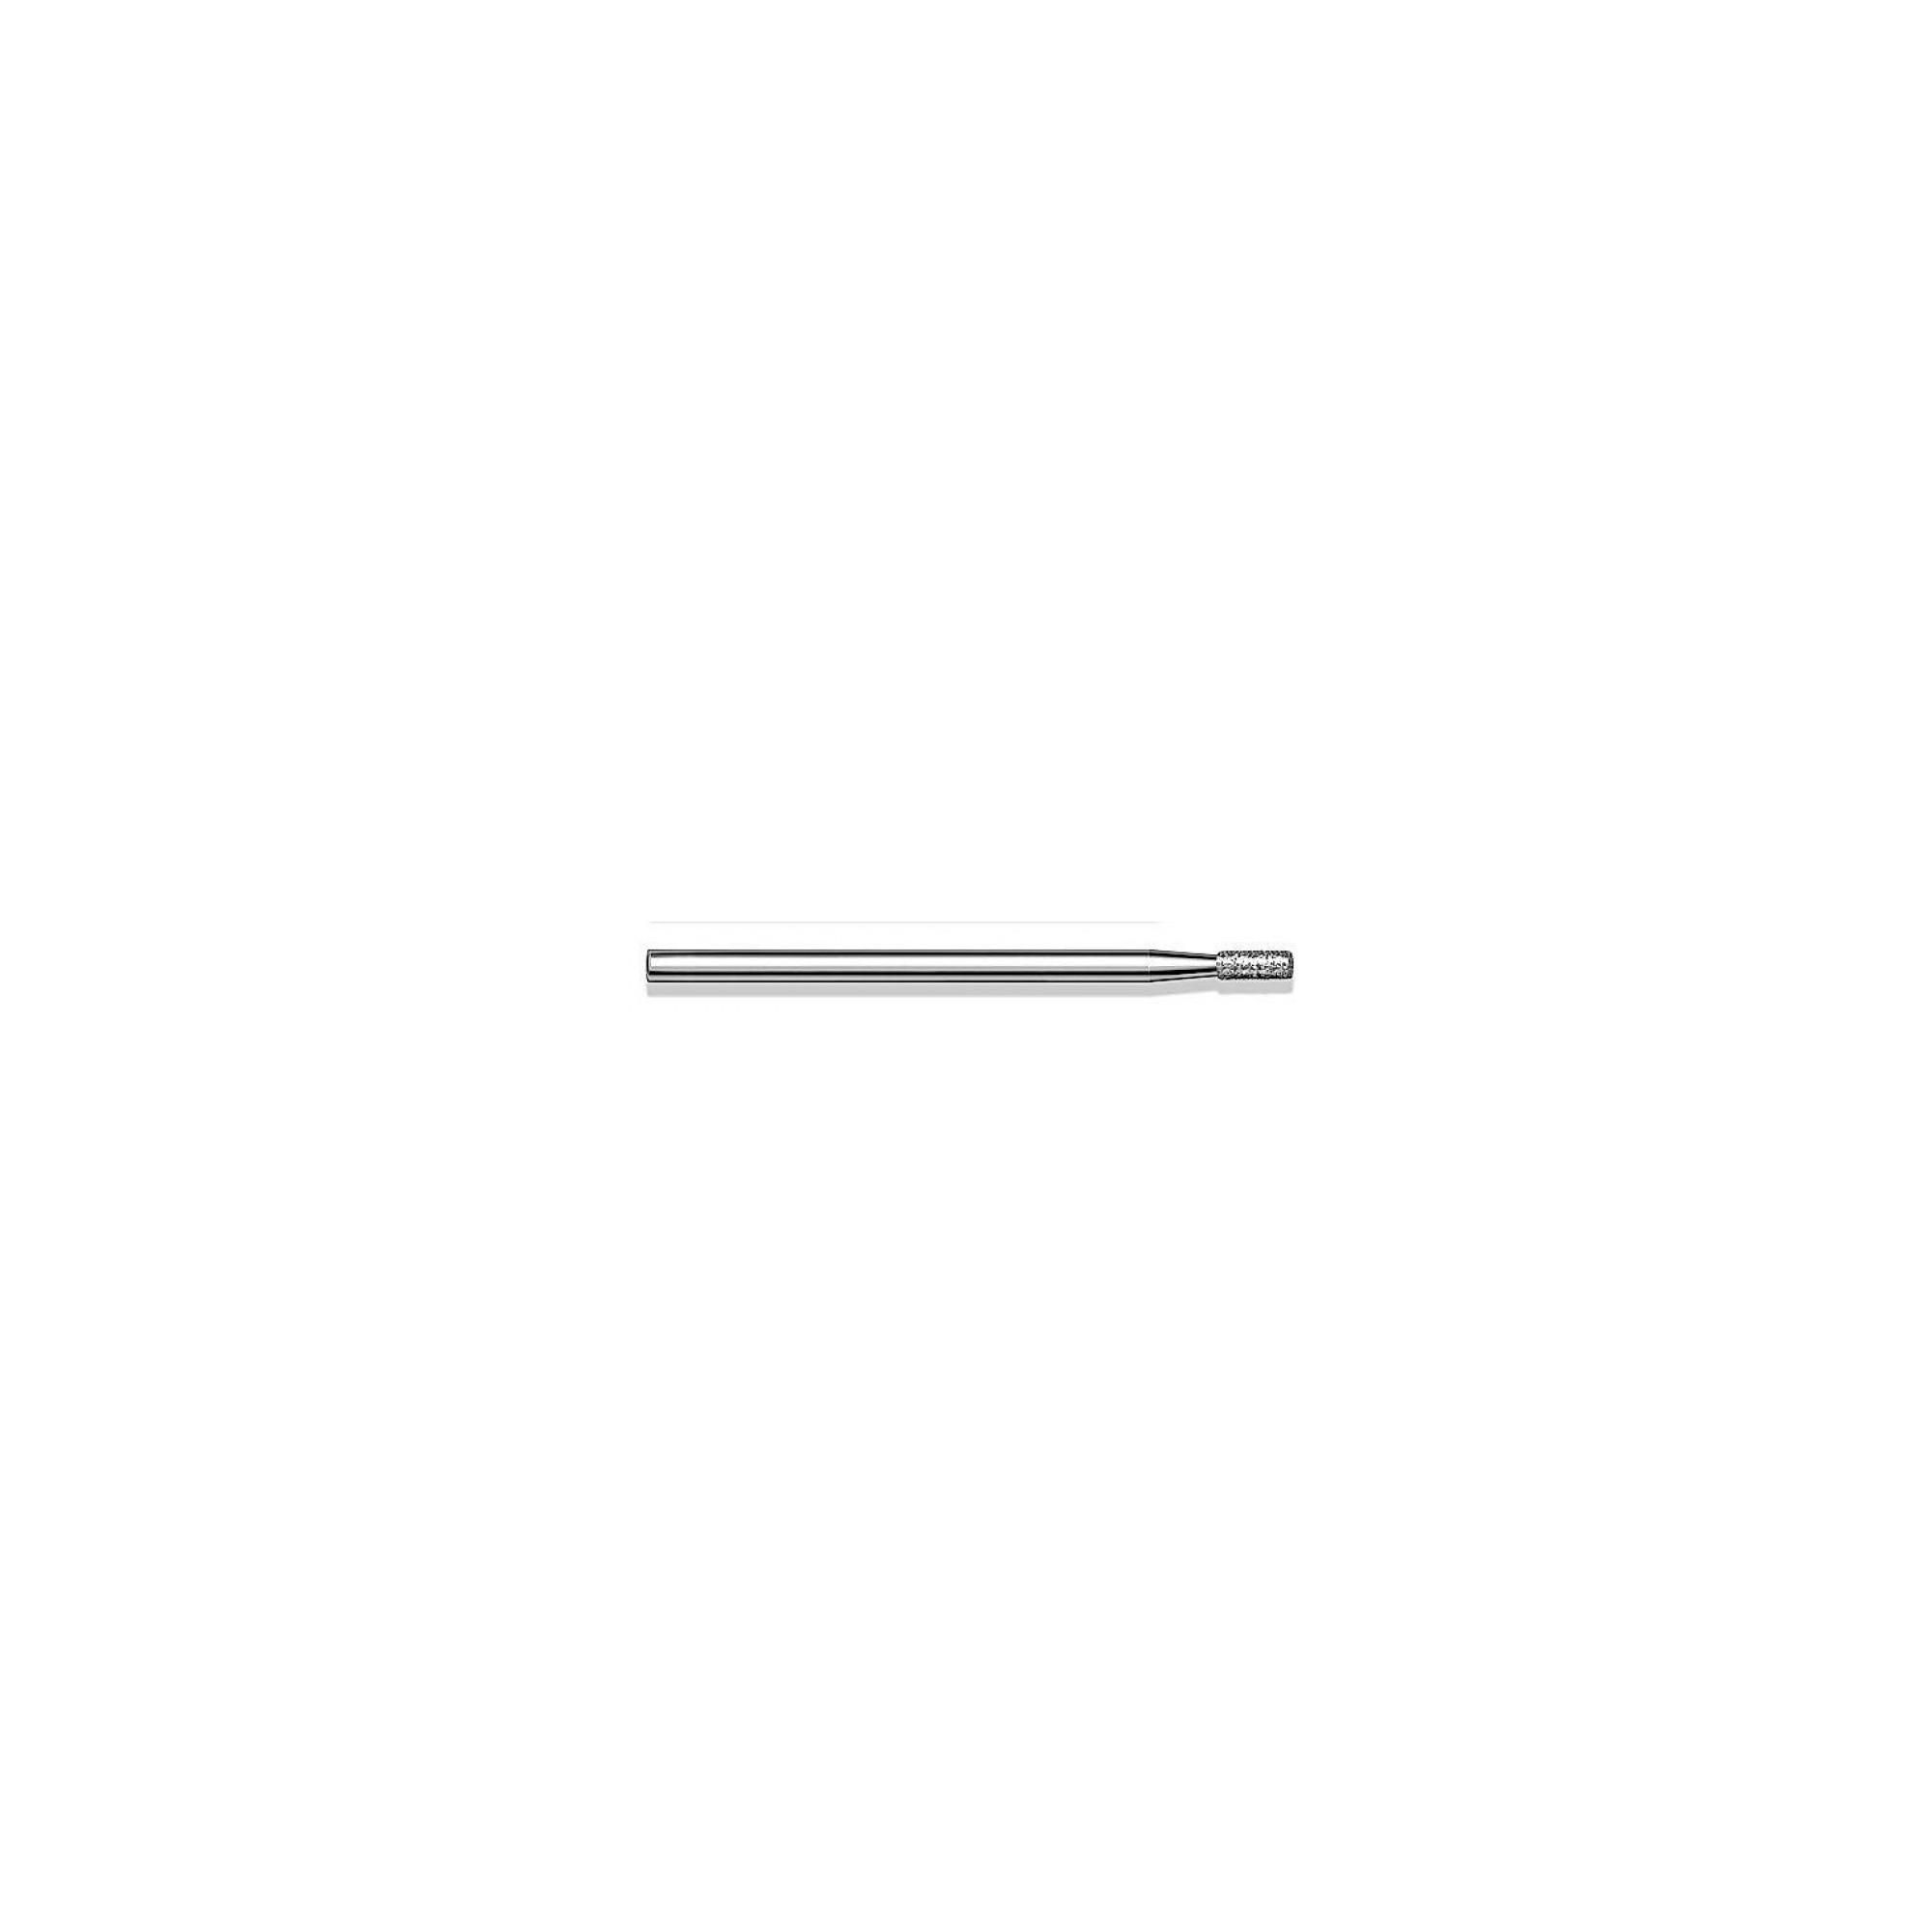 Fraise diamantée standard - Lissage des ongles et des callosités - Grain moyen - Pack de 2 fraises - ø1,6mm